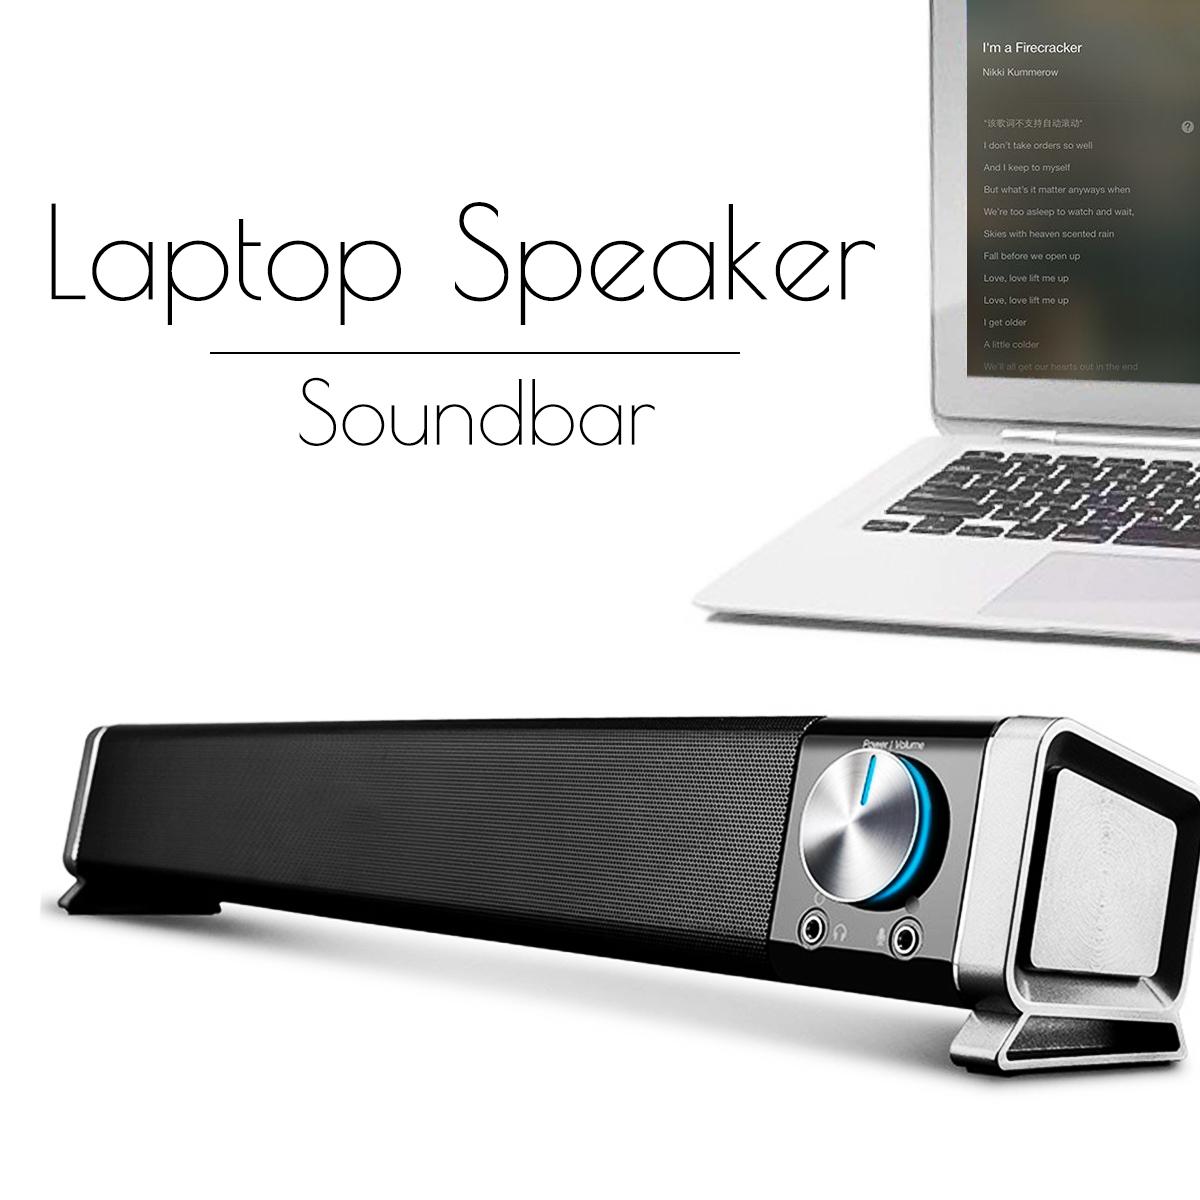 Mini Subwoofer Laptop Desktop Speaker Stereo Noise Reduction 3.5mm USB Jack Volume Control Speaker